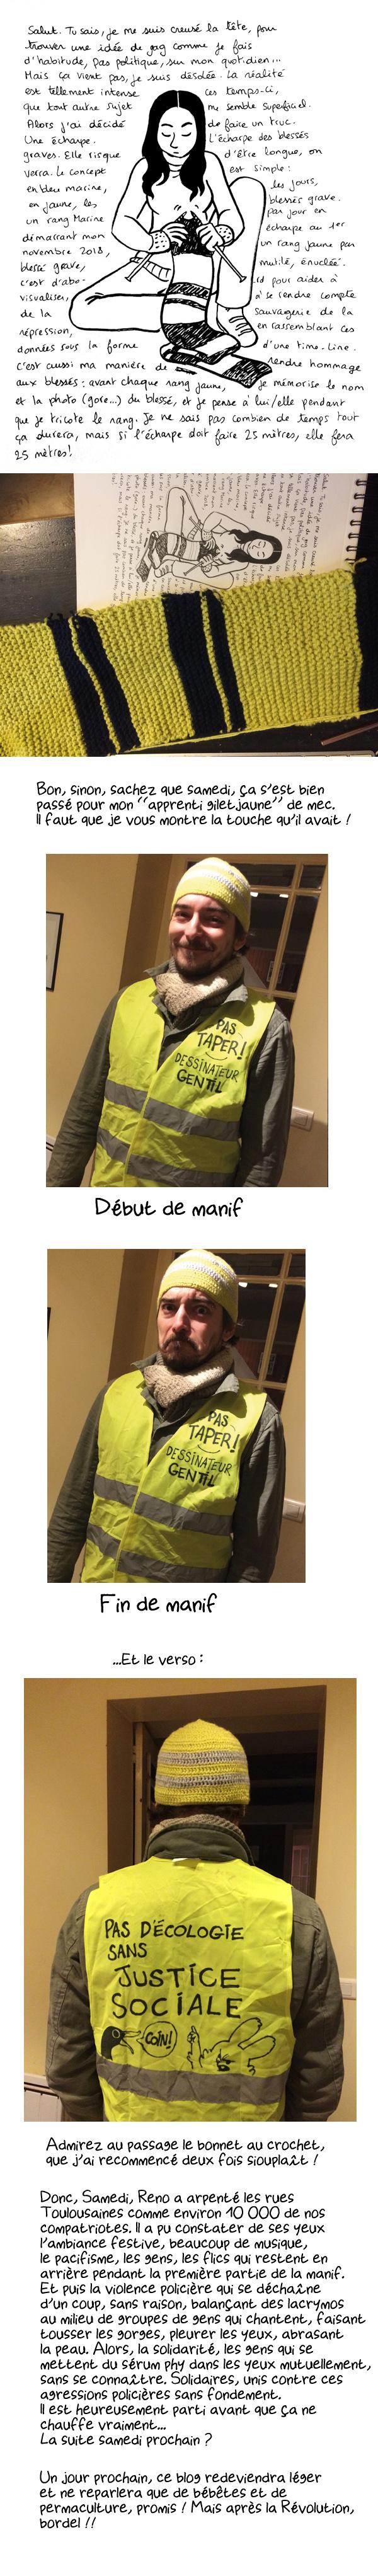 http://melaka.free.fr/blog/echarpe.jpg